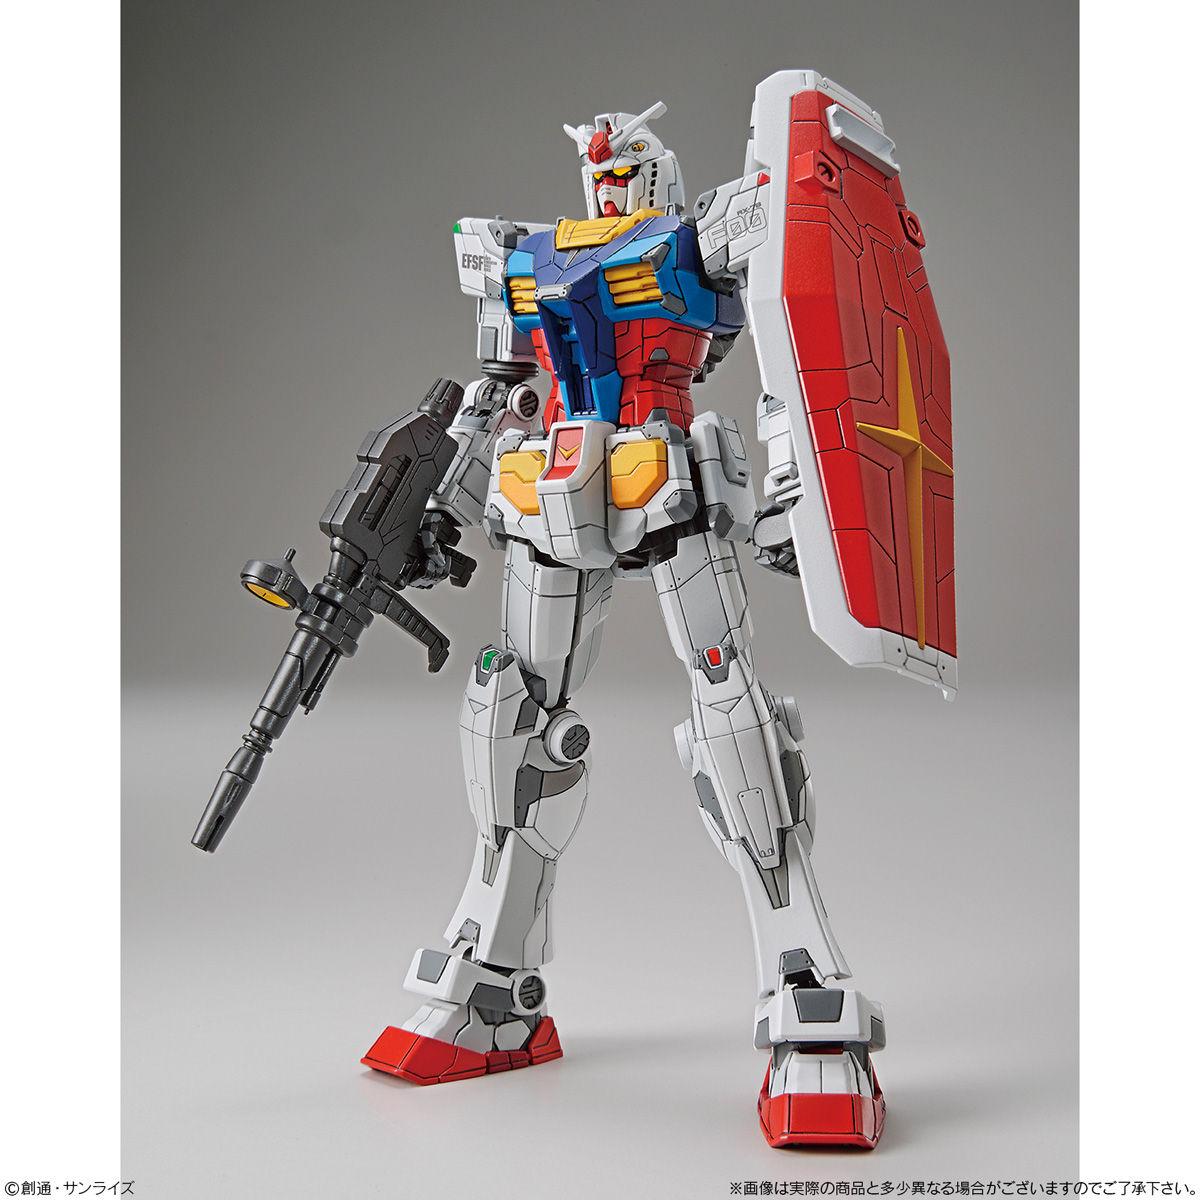 【再販】GUNDAM FACTORY YOKOHAMA『RX-78F00 ガンダム&ガンダムドック』1/144 プラモデル-002